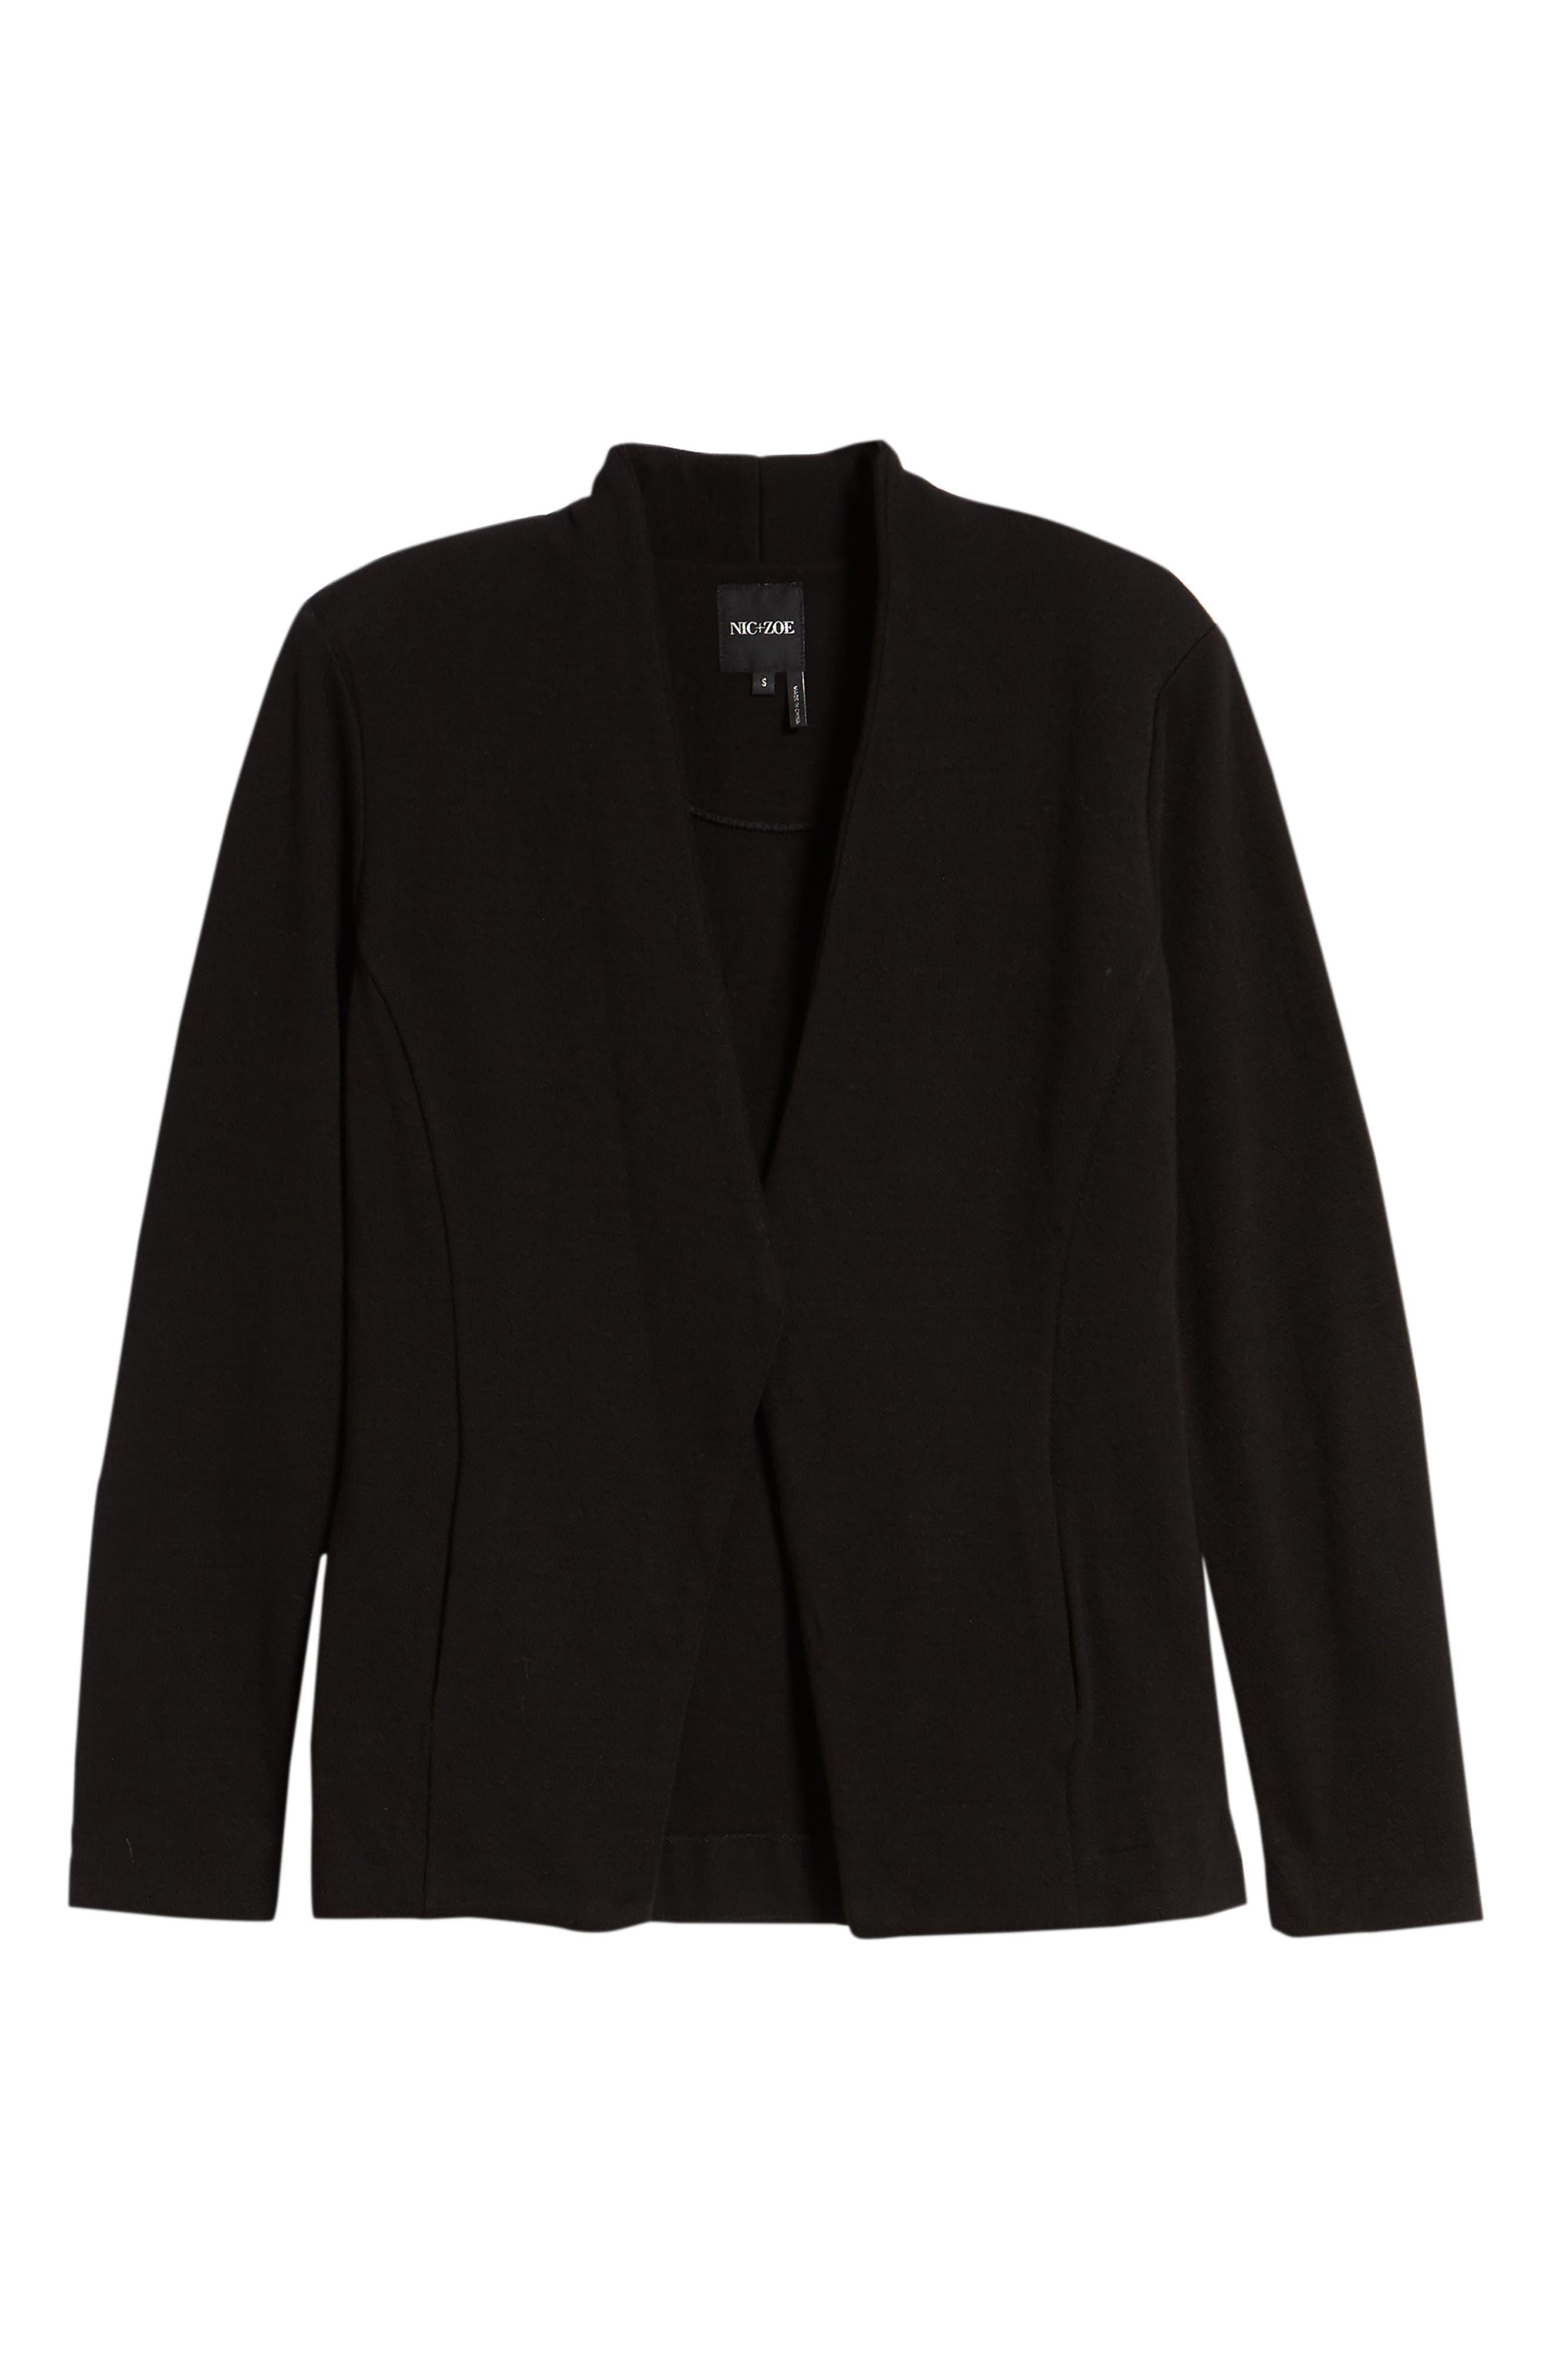 Sleek Jacket,                             Alternate thumbnail 6, color,                             BLACK ONYX